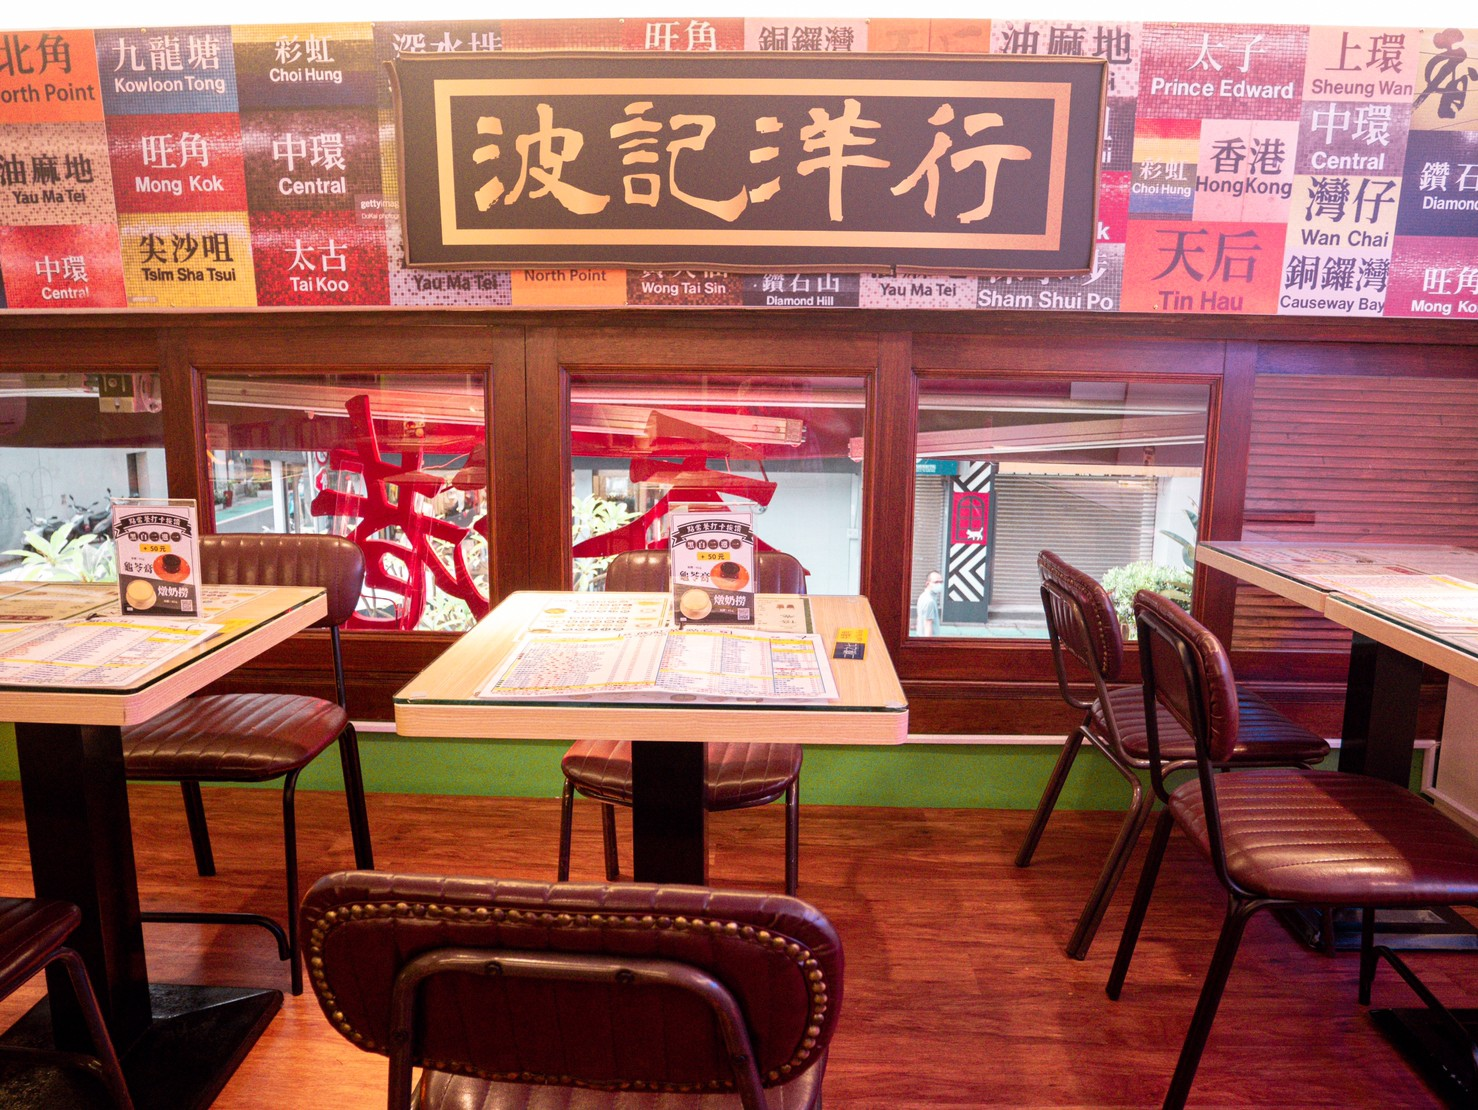 東區美食推薦|捷運忠孝敦化站。波記茶點心|秒飛香港體驗道地港式飲茶、港式小吃